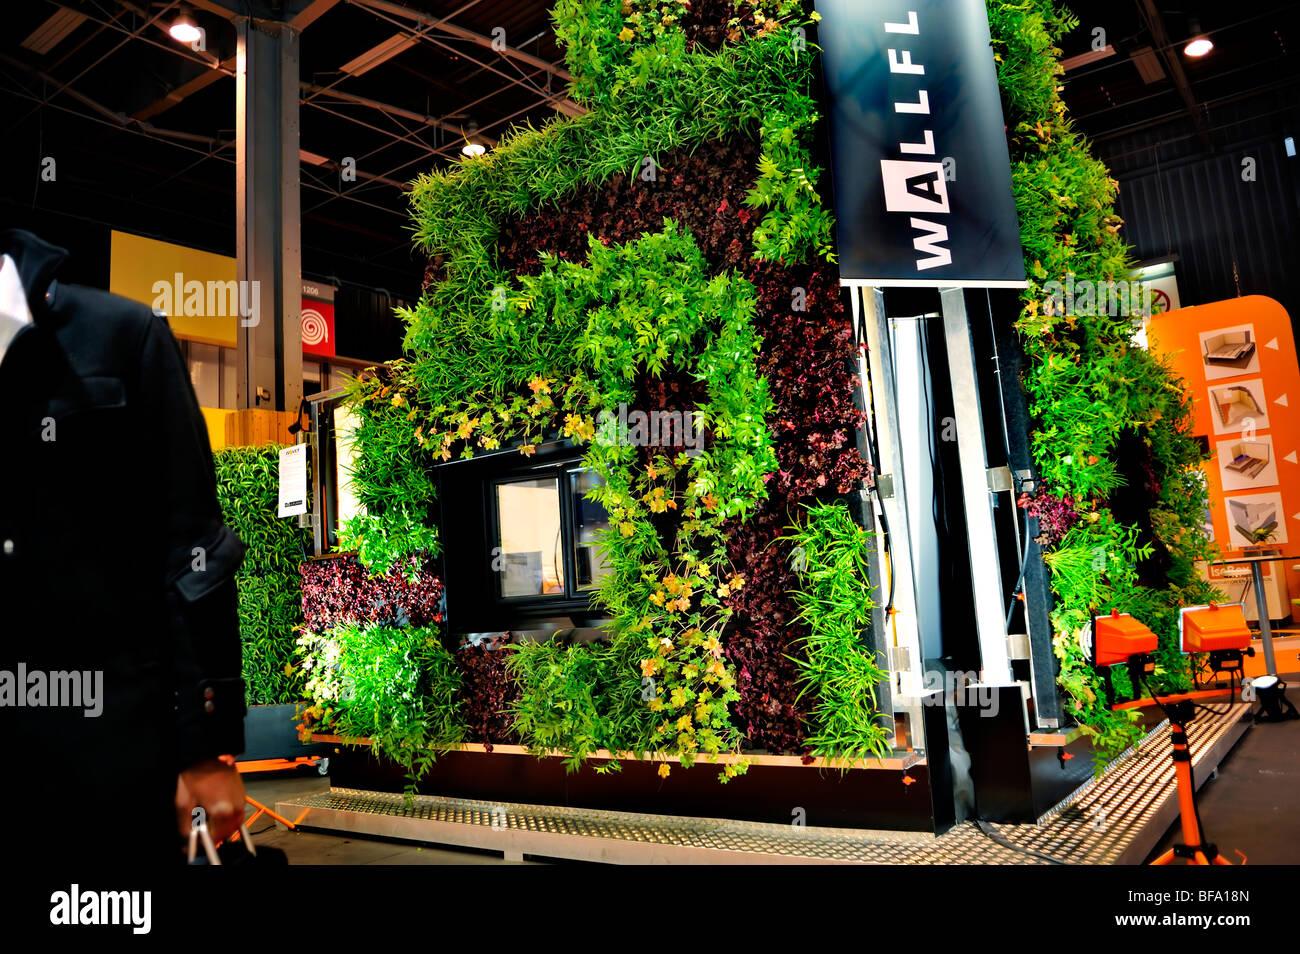 Paris, Frankreich, Baumaschinen' Messe', 'Salon Batimat', pflanzlichen Wall Display, grüne Stockbild